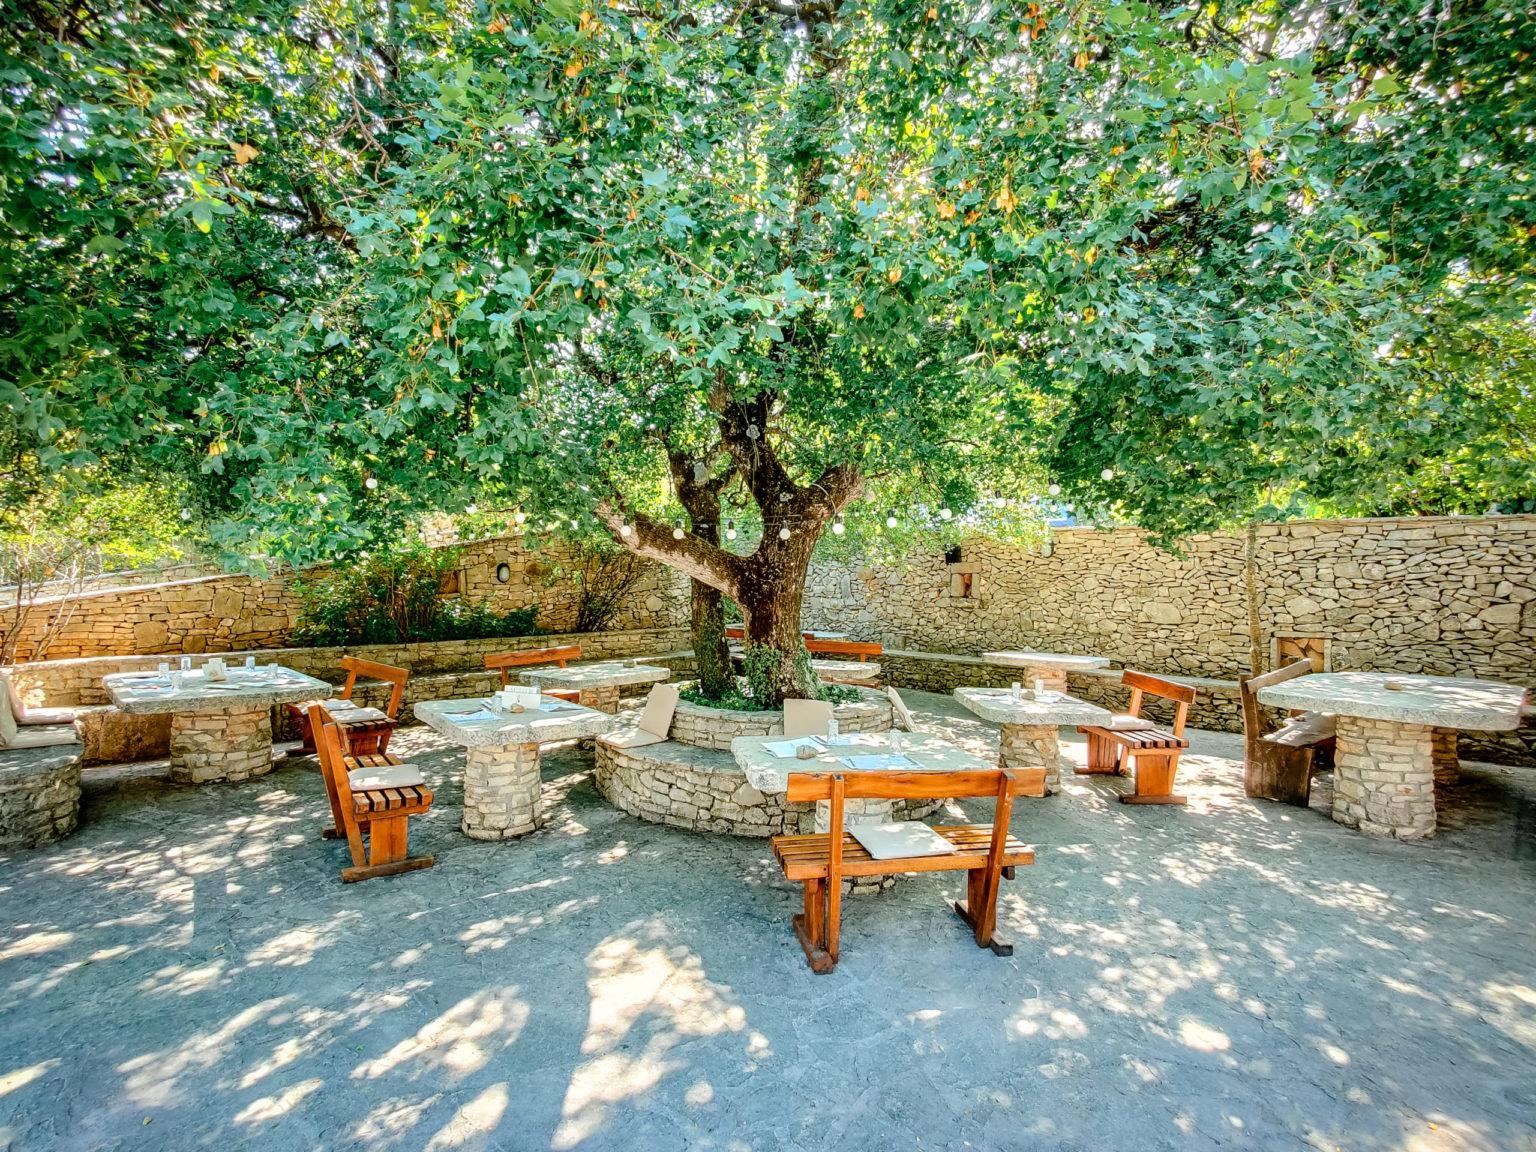 hochzeitslocation Kroatien location hochzeit heiraten 5 2 scaled - Stone House